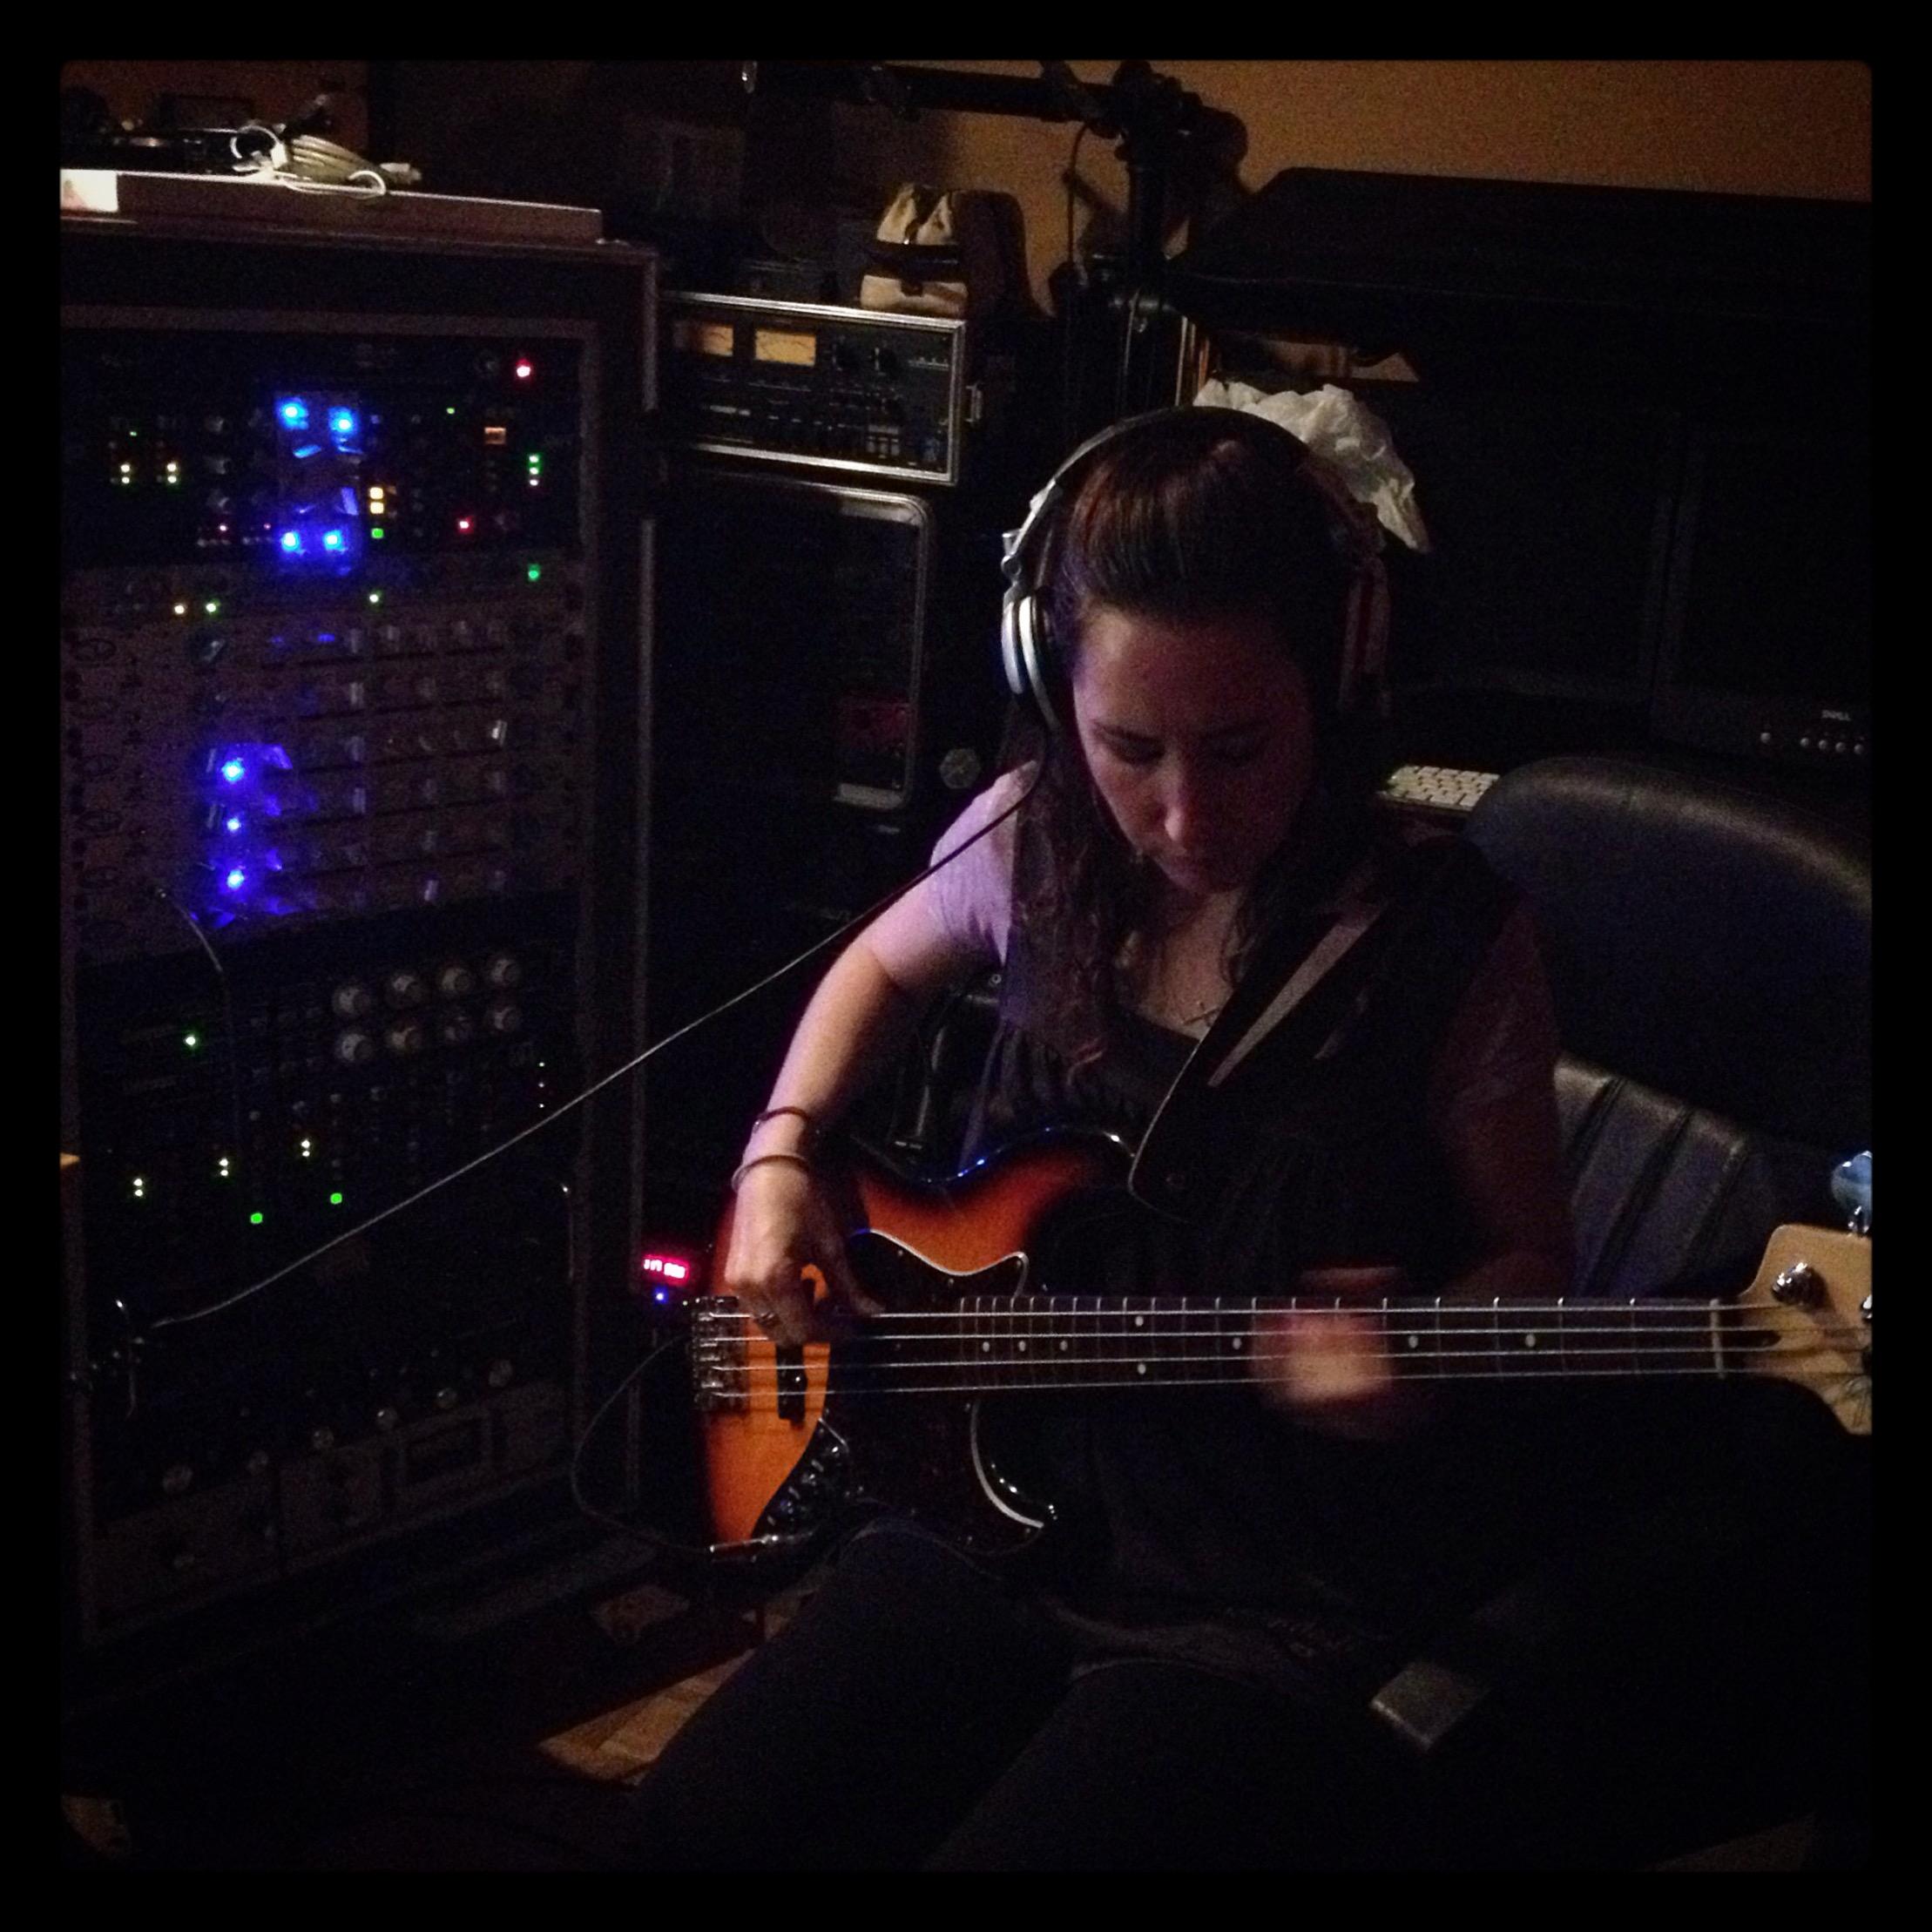 144 Studios - June 2016